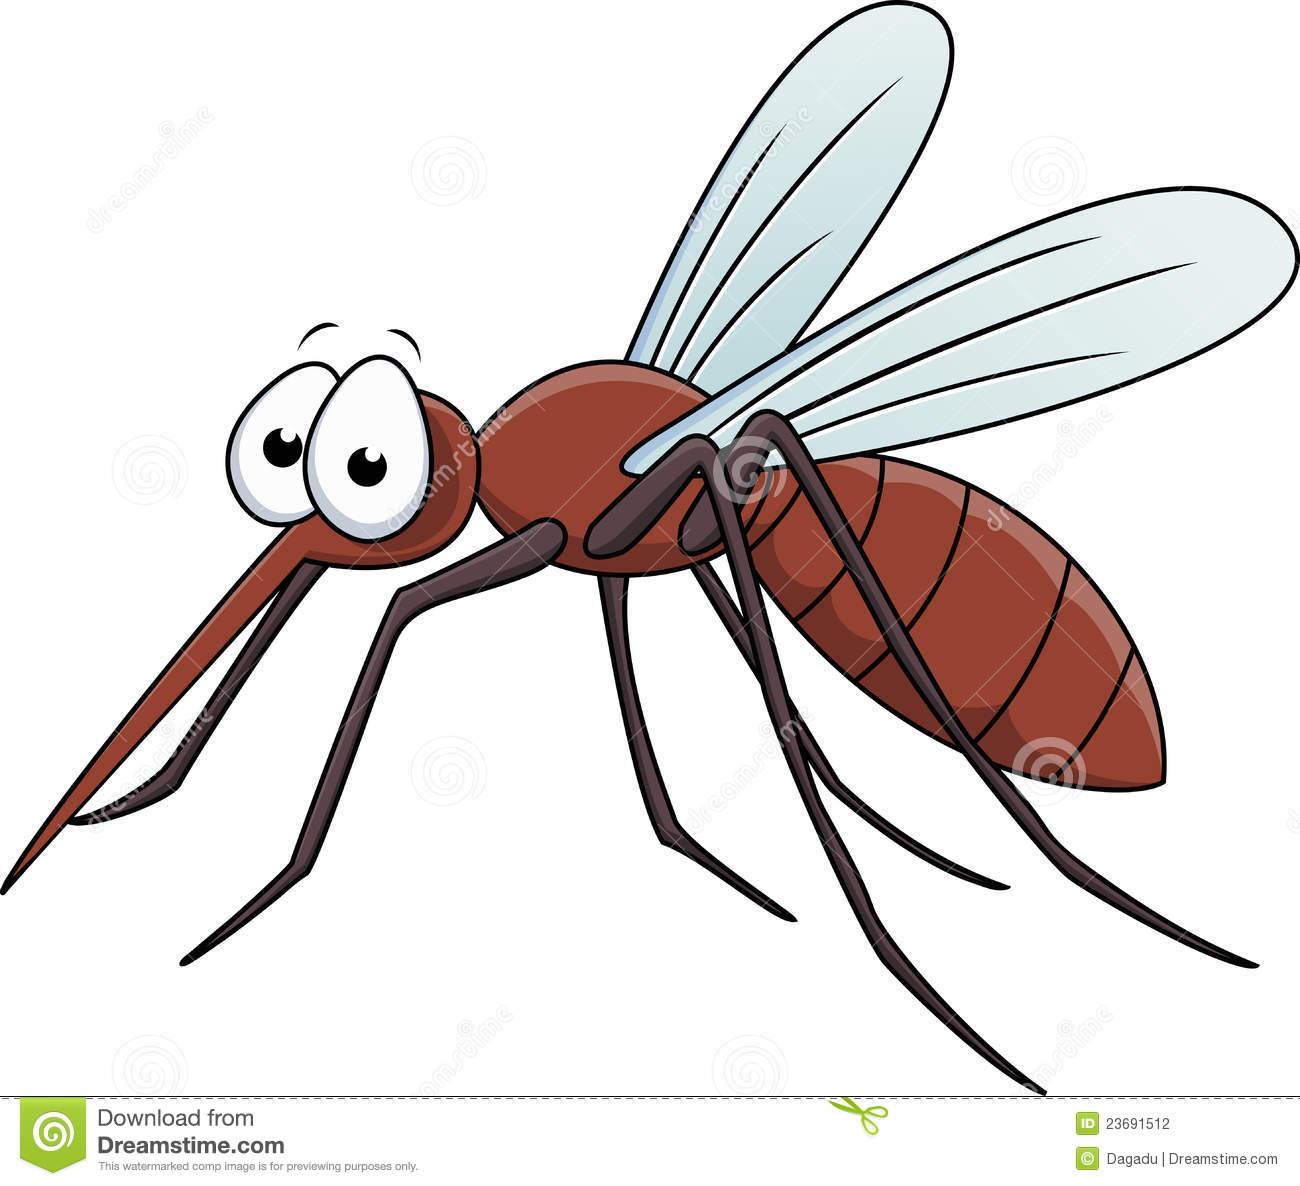 Dengue mosquito clipart.